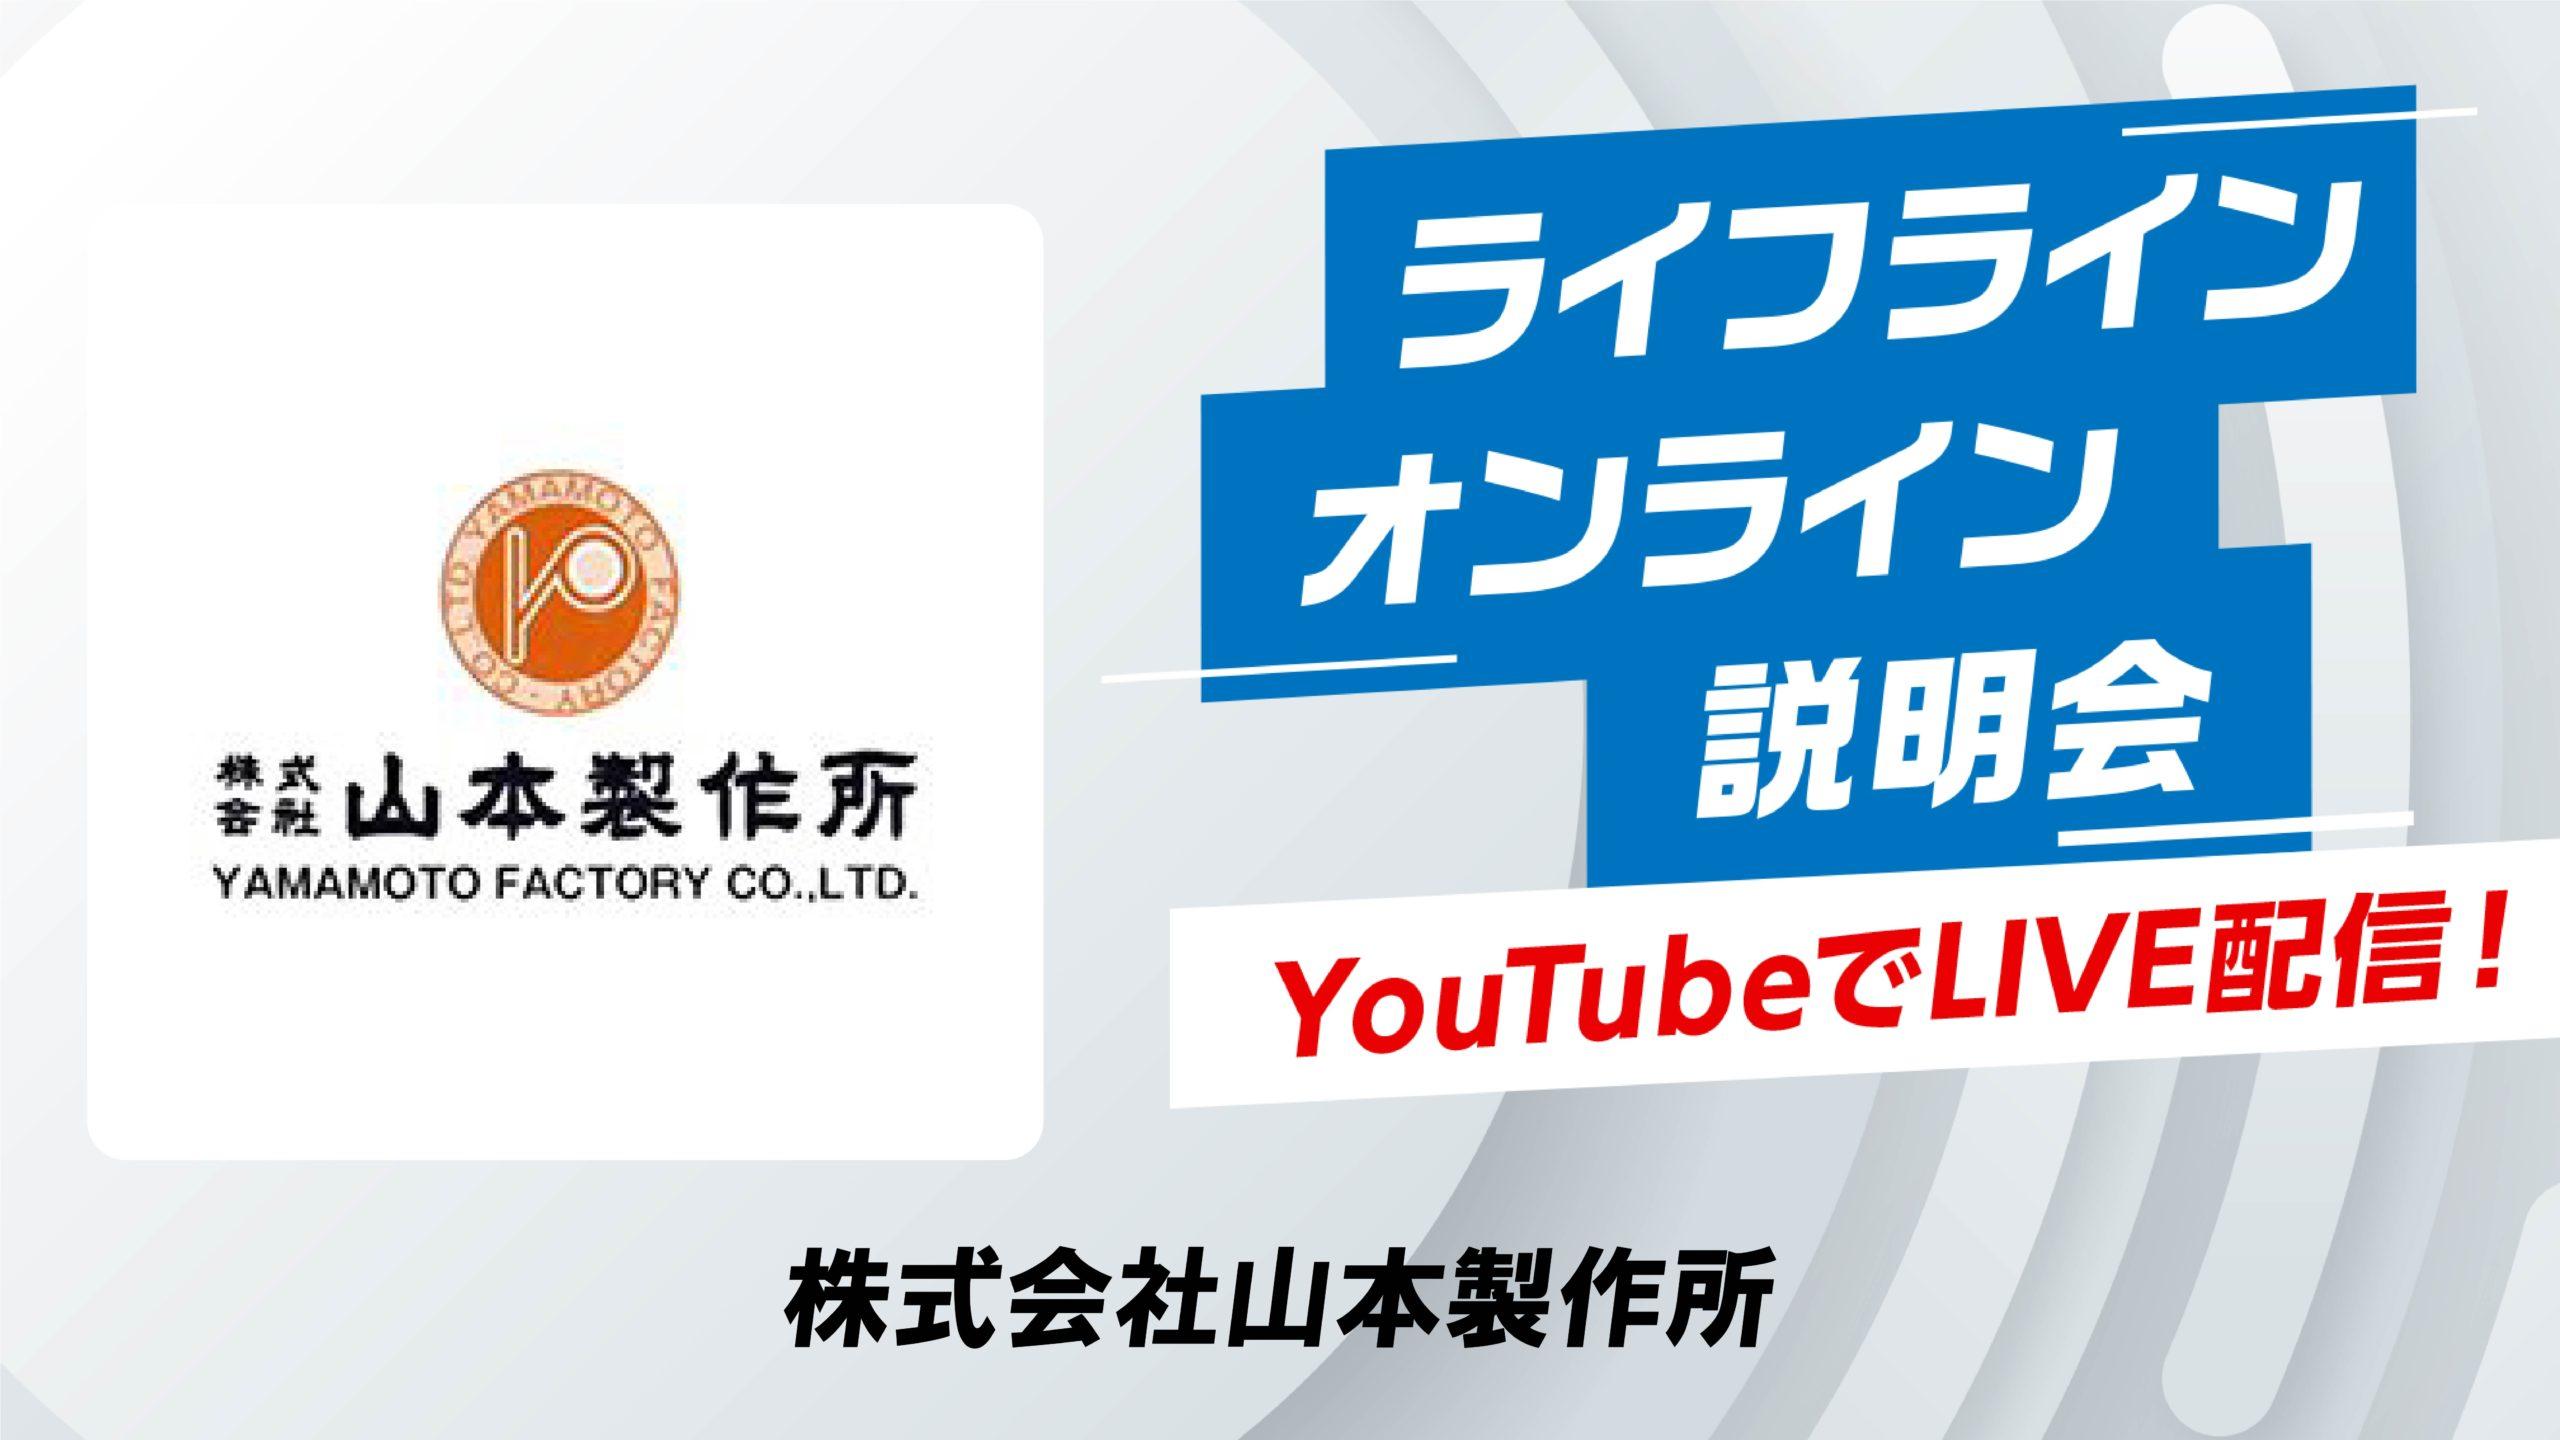 ライフライン オンライン相談会 YouTubeでLIVE配信! 株式会社山本製作所